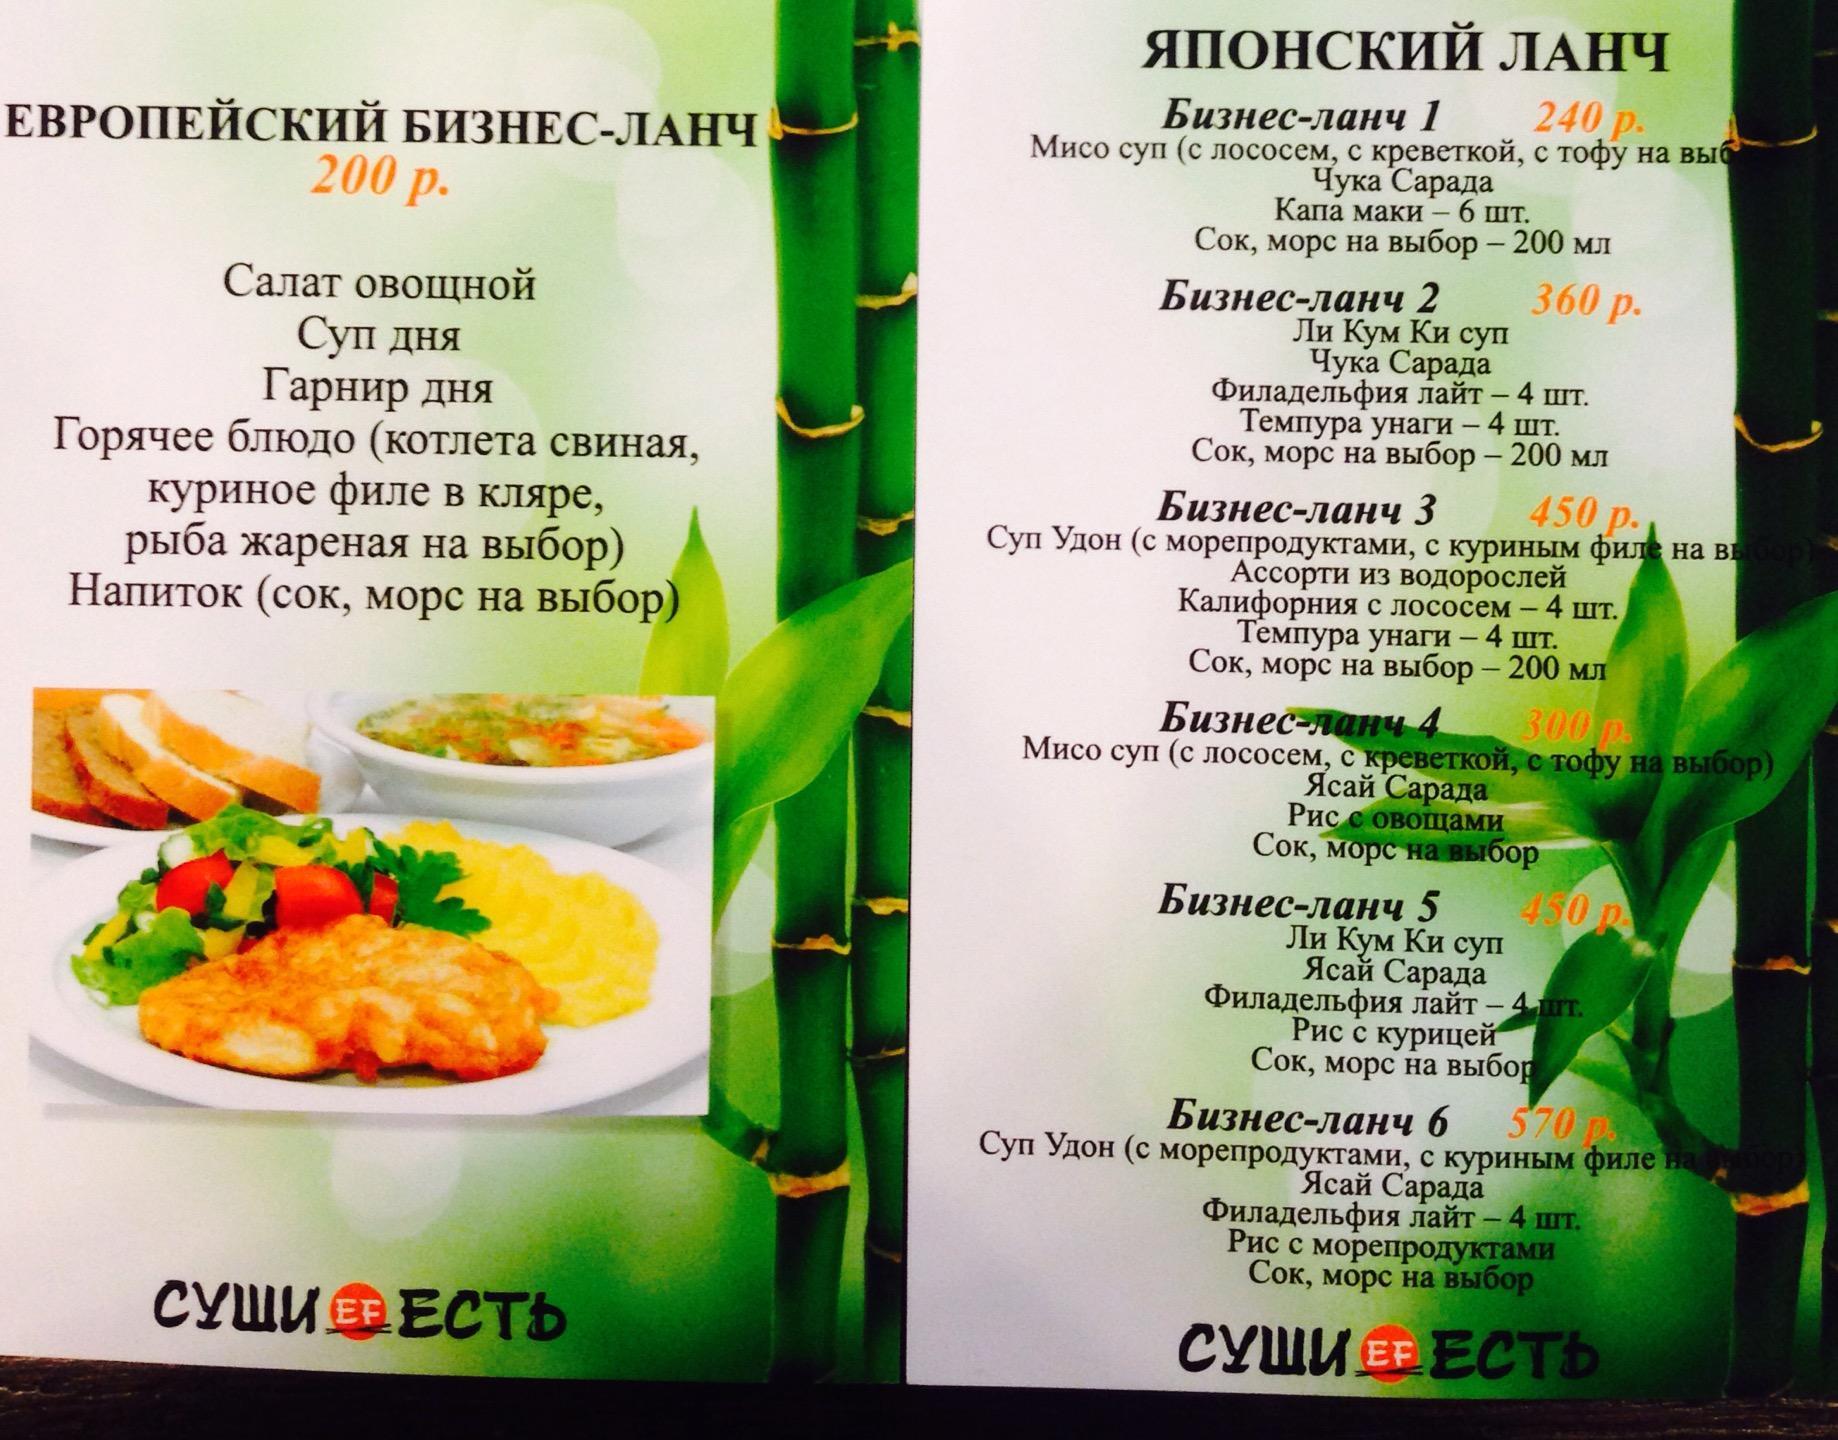 бизнес ланч ресторана меню фото многие них